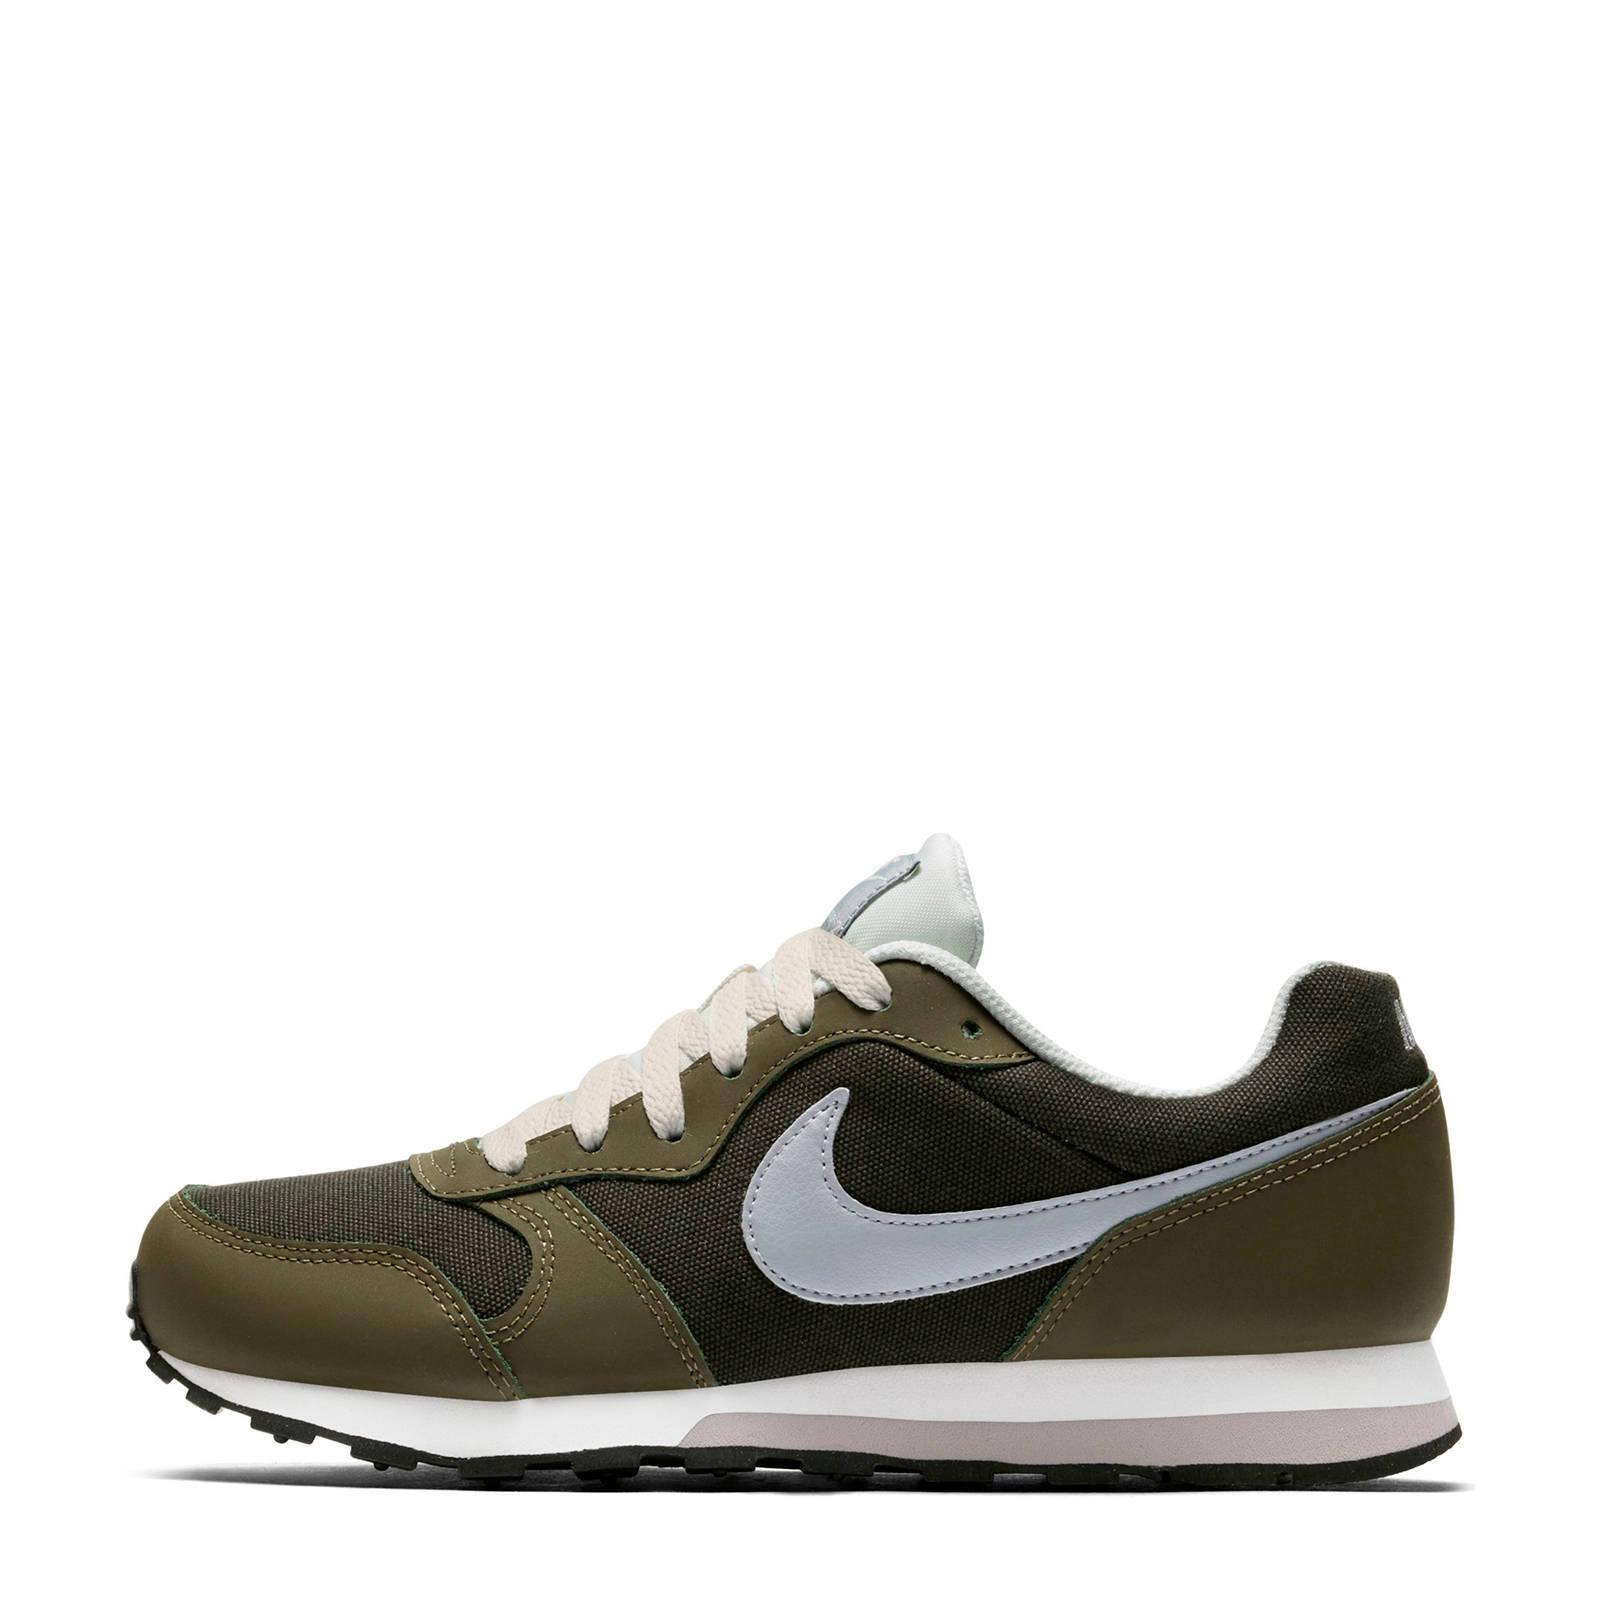 MD Runner 2 (GS) sneakers groenolijfgroen